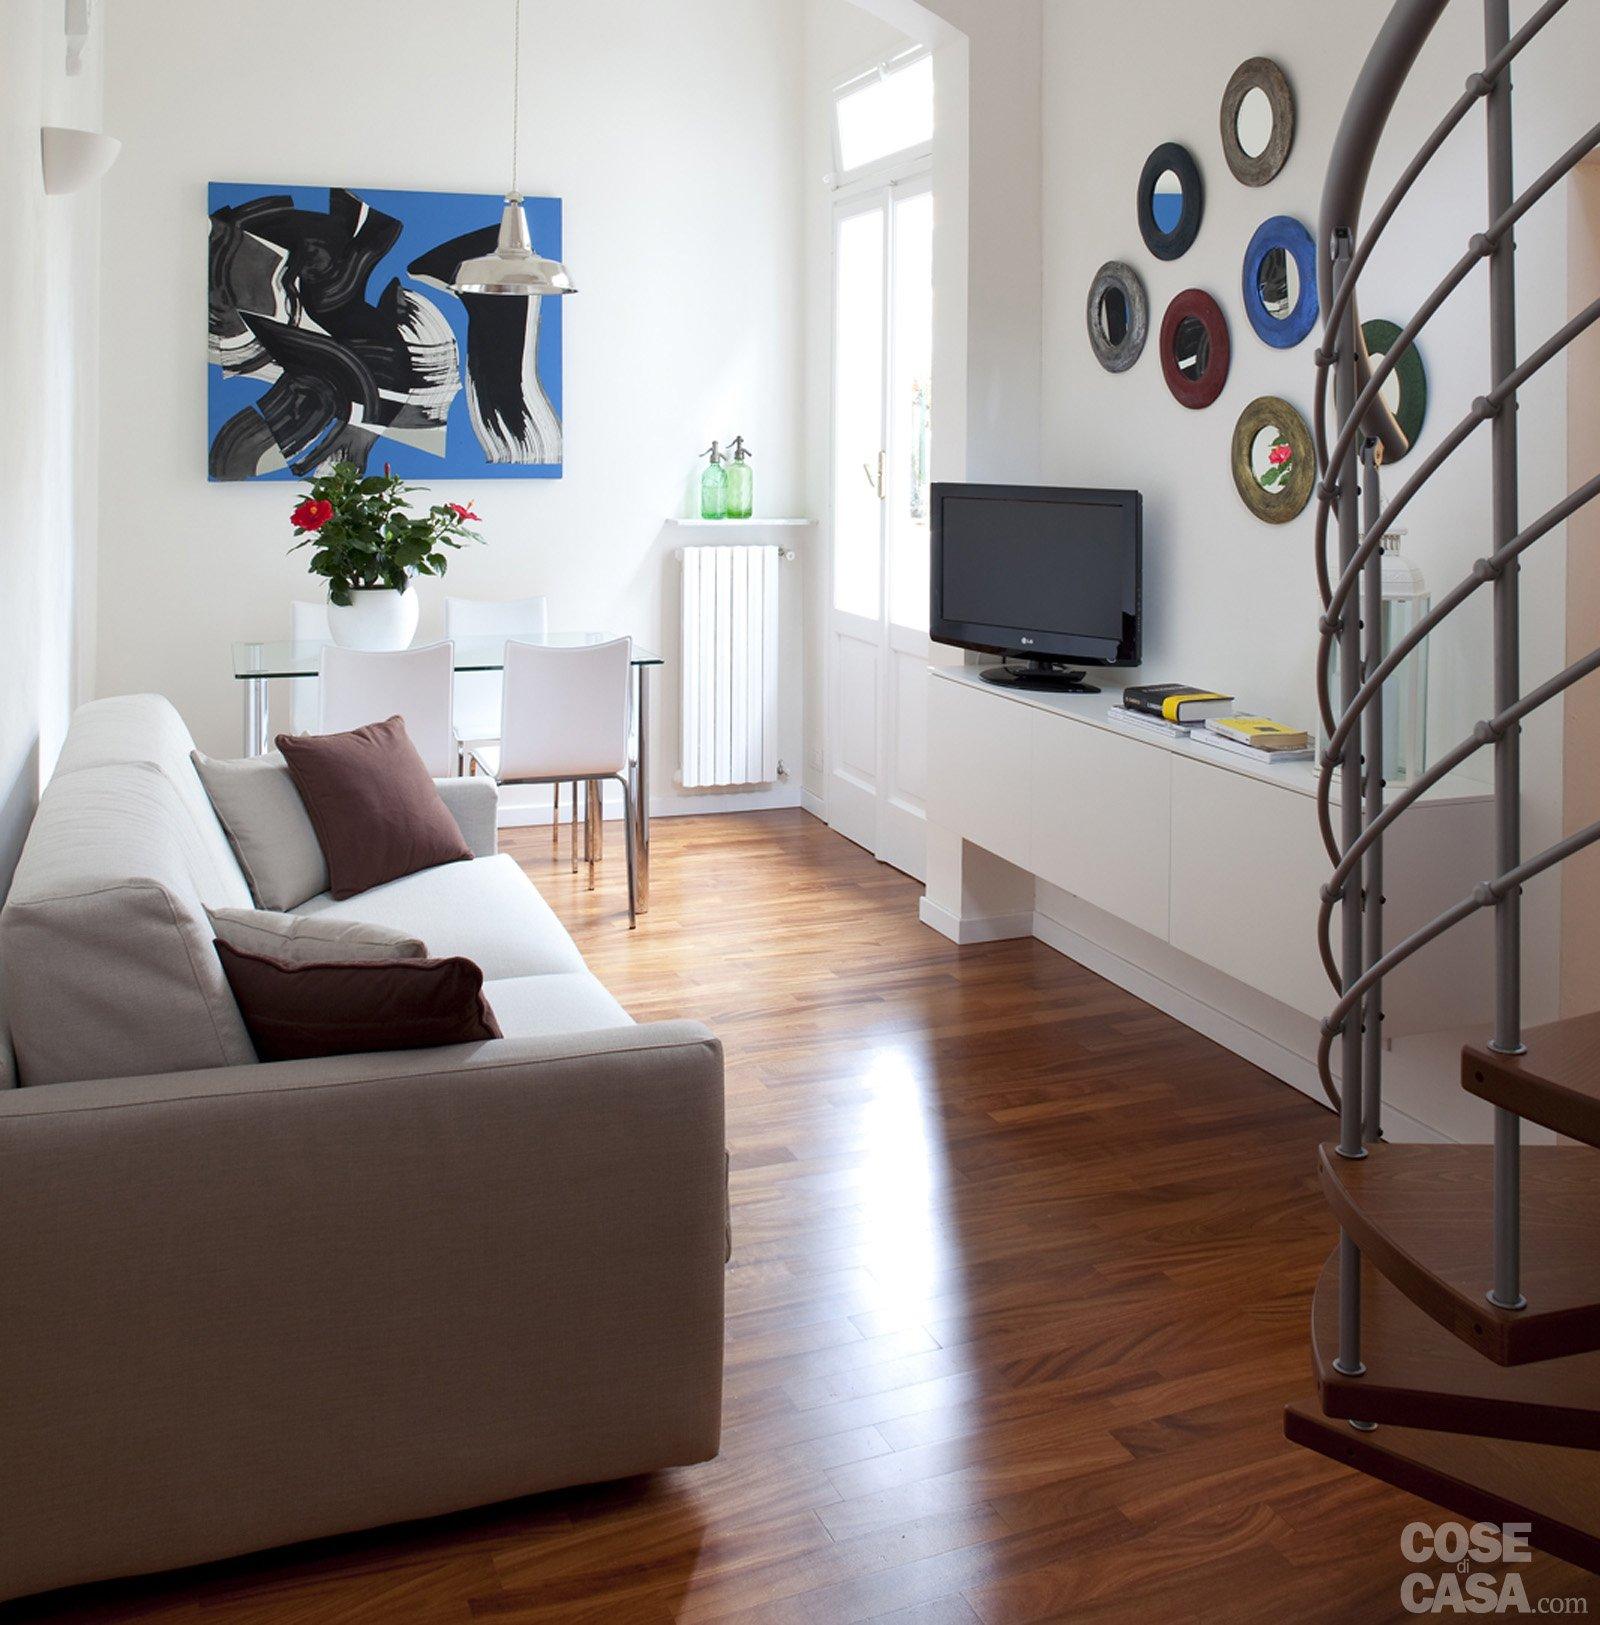 Disposizione Divani Salone: Disposizione di divani arredaclick divano ...